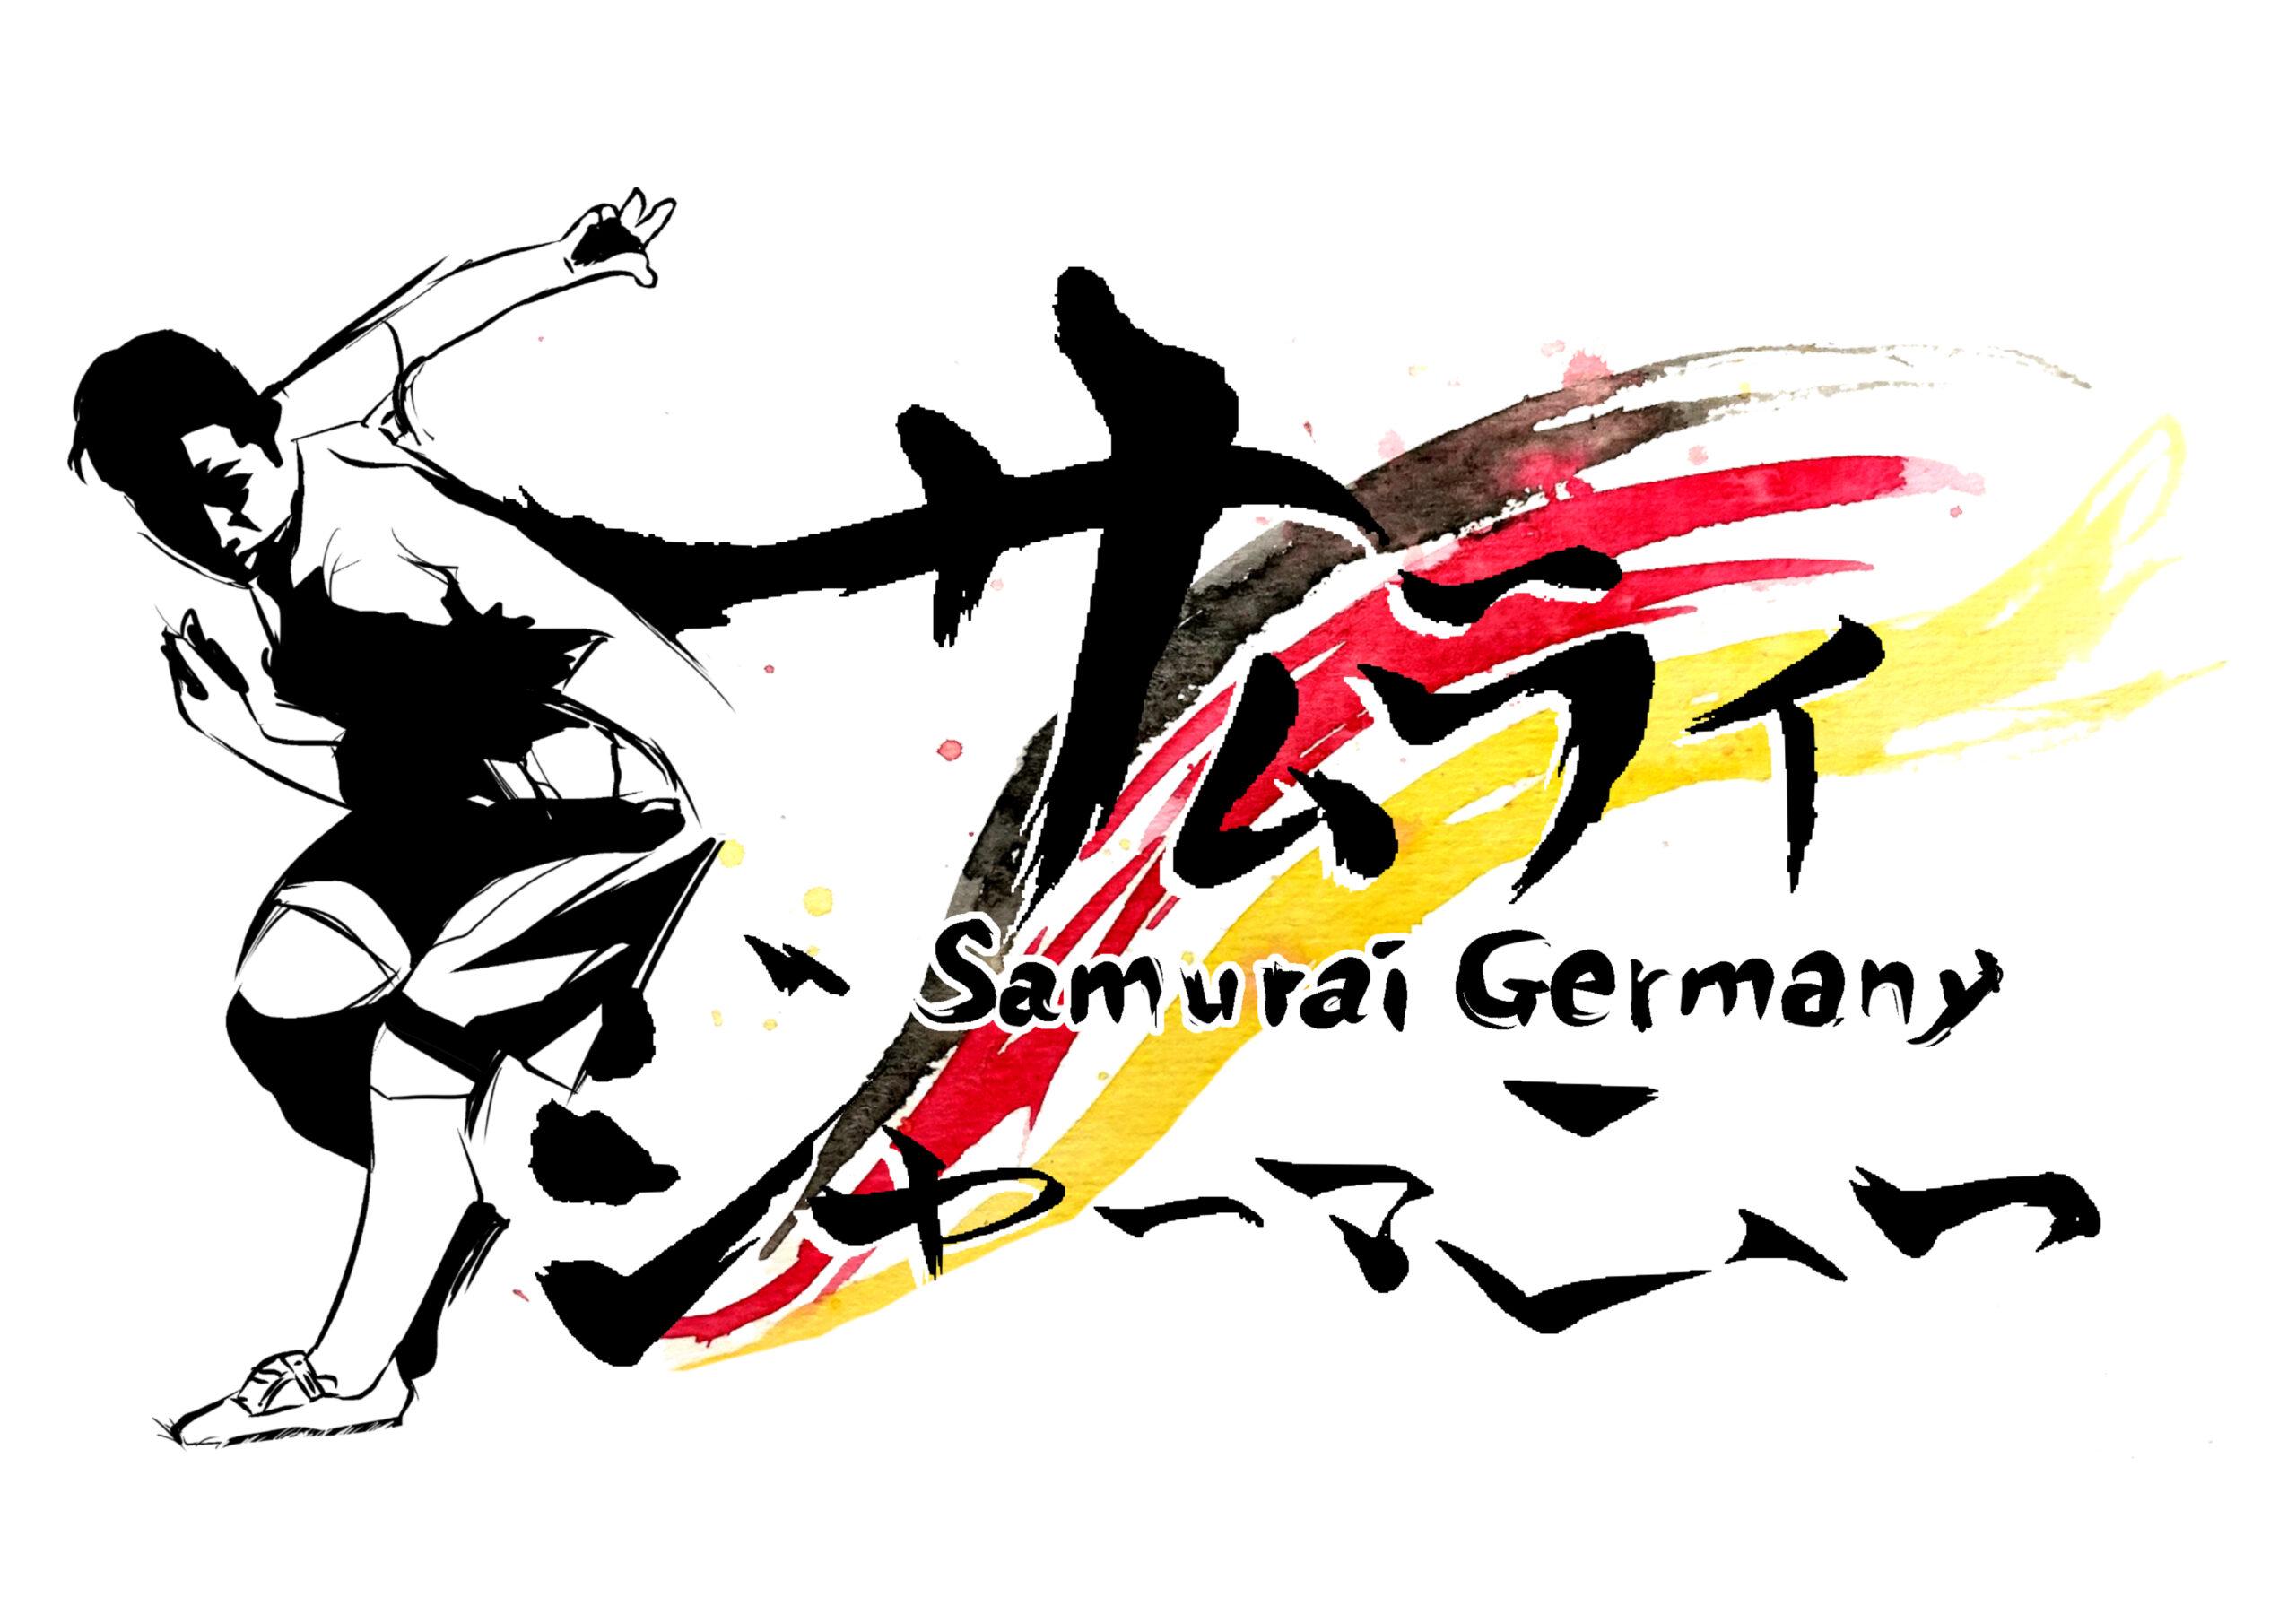 """ドイツサッカー遠征プロジェクト""""サムライ ジャーマニー"""" ホームページ完成しました!!!"""